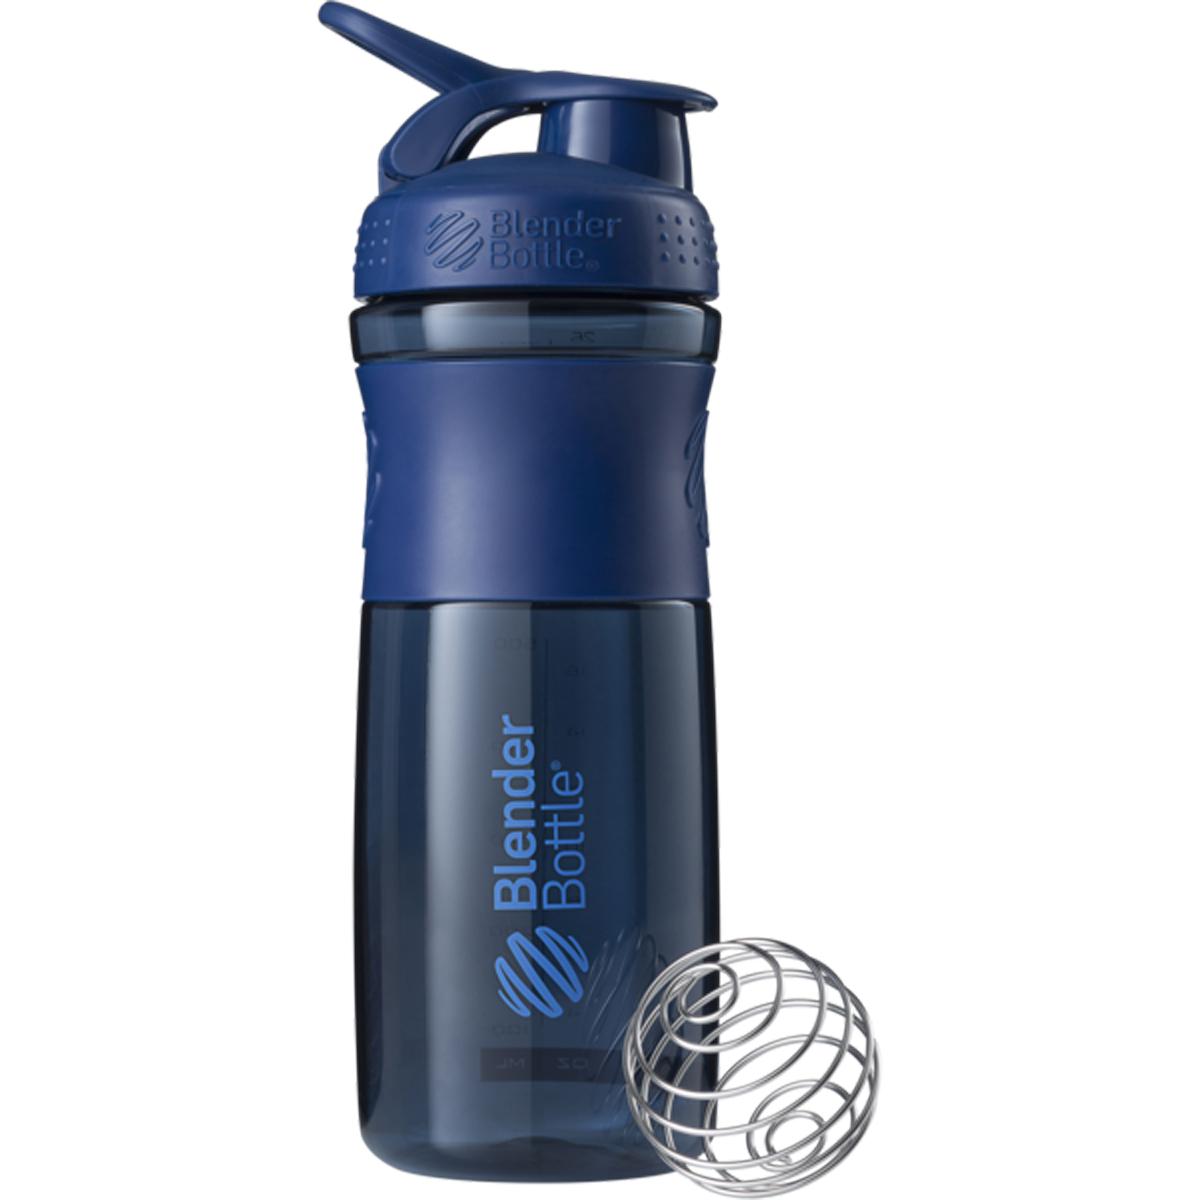 Protein Shaker Net: Blender Bottle SportMixer 28 Oz. Tritan Grip Shaker